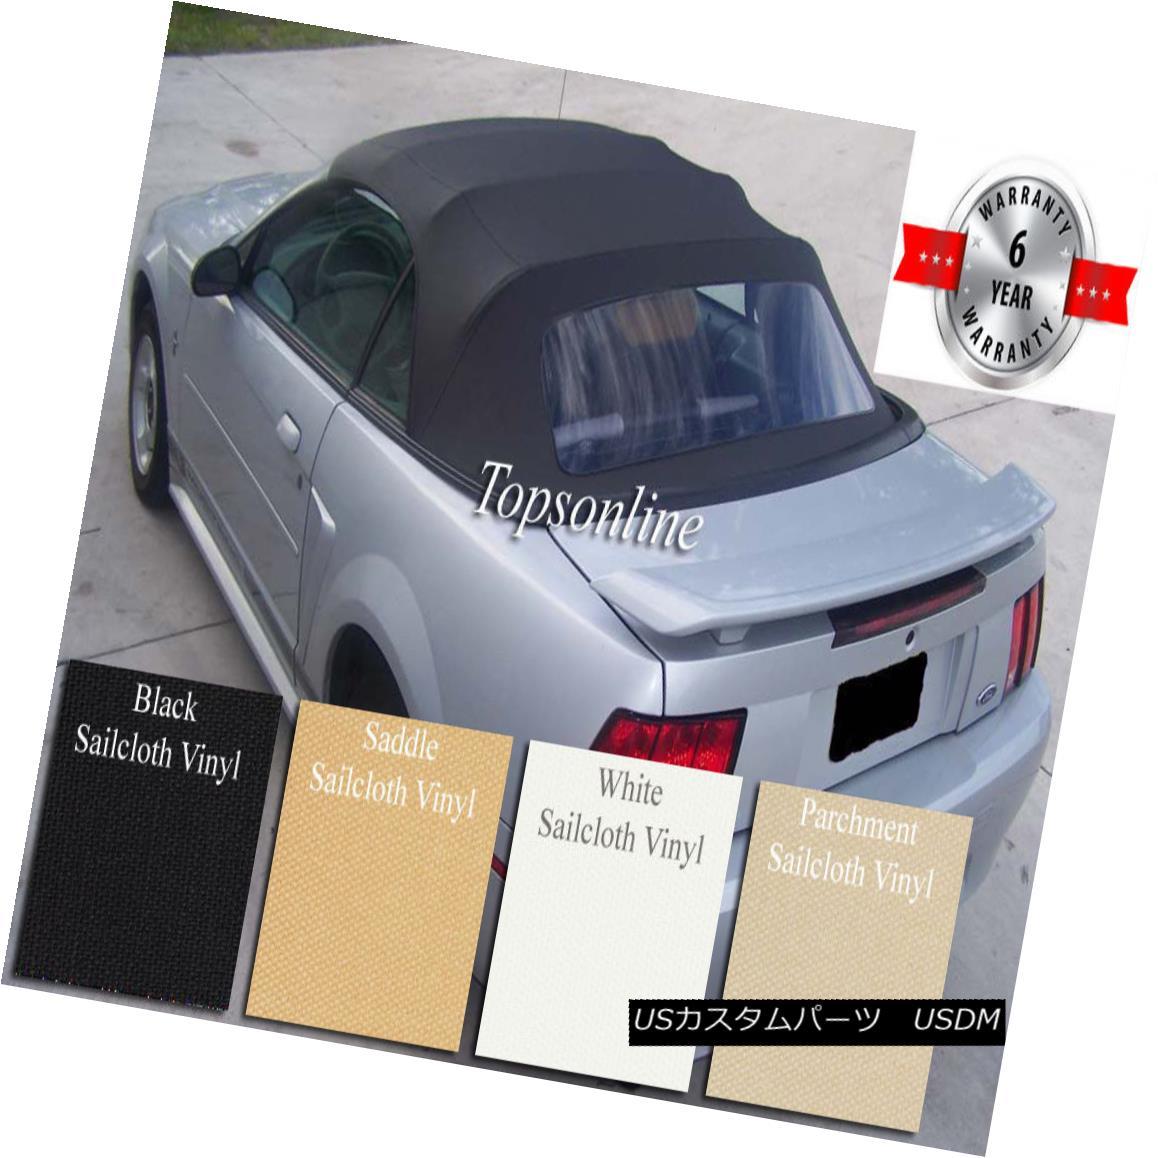 幌・ソフトトップ Ford Mustang Convertible Soft Top With Plastic Window & Video Sailcloth 1994-04 フォード・マスタング・コンバーチブル・ソフト・トップ(プラスチック・ウインドウ& Video Sailcloth 1994-04